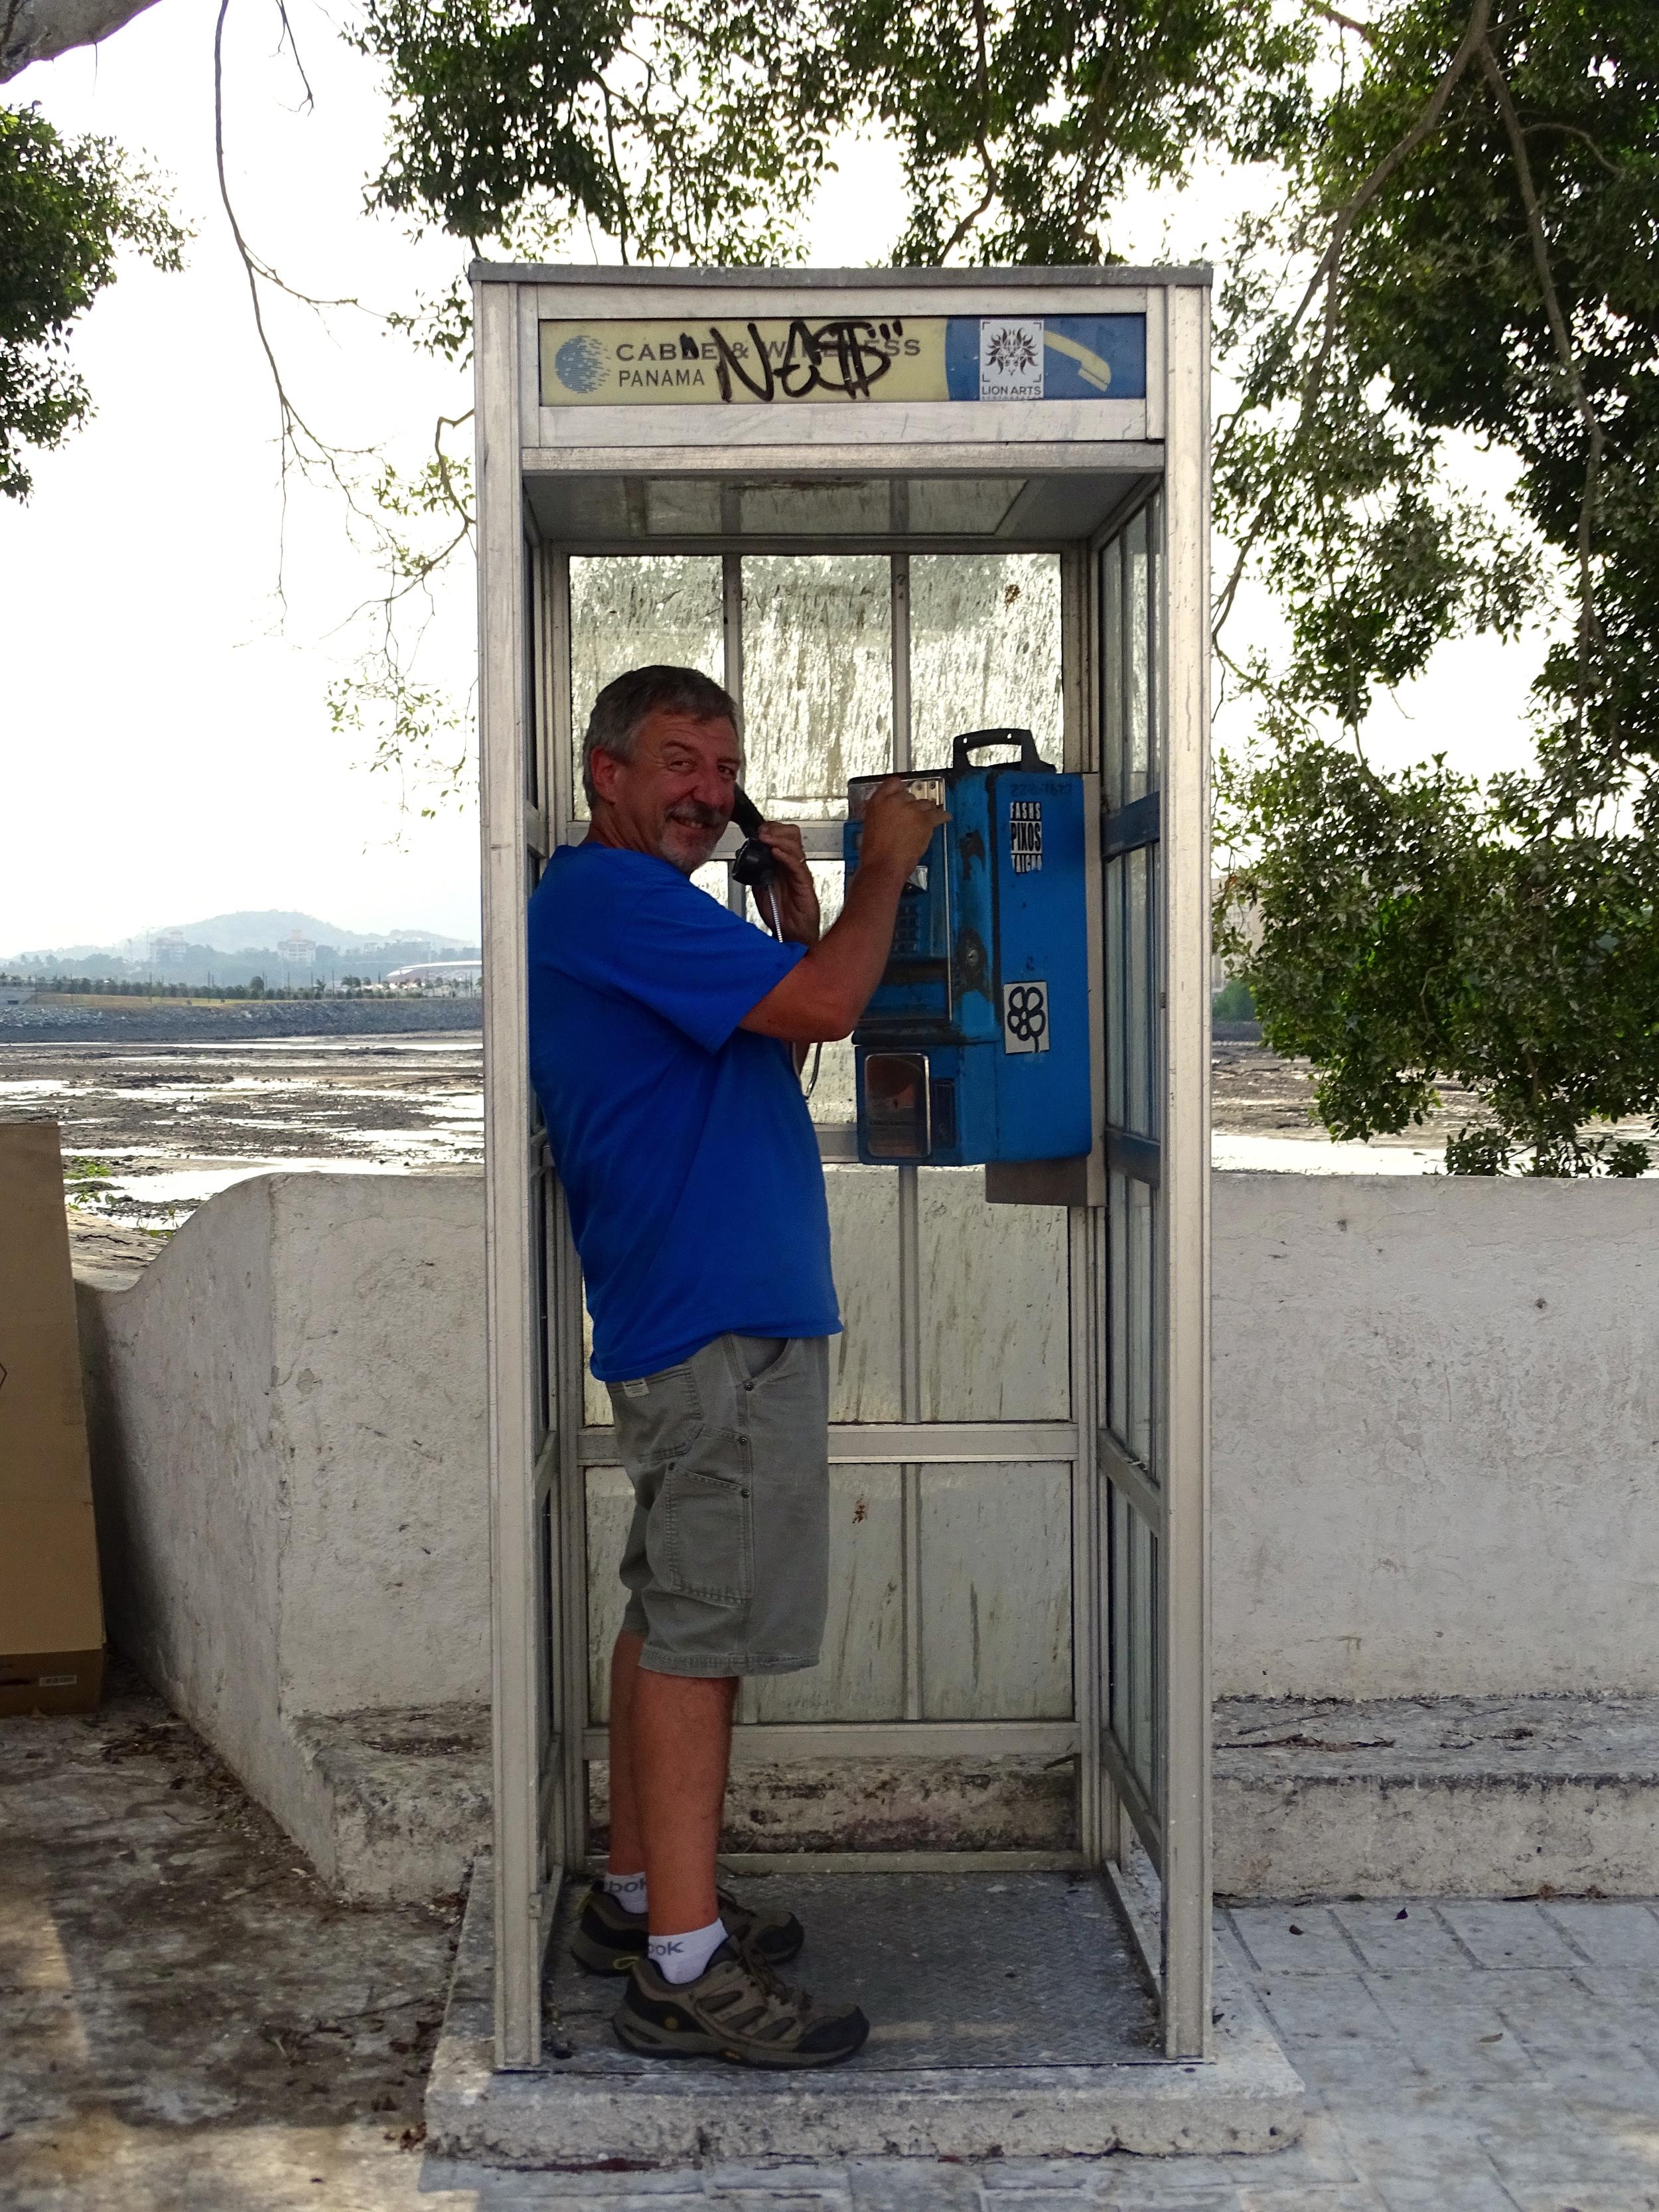 Keith phoning home...haha